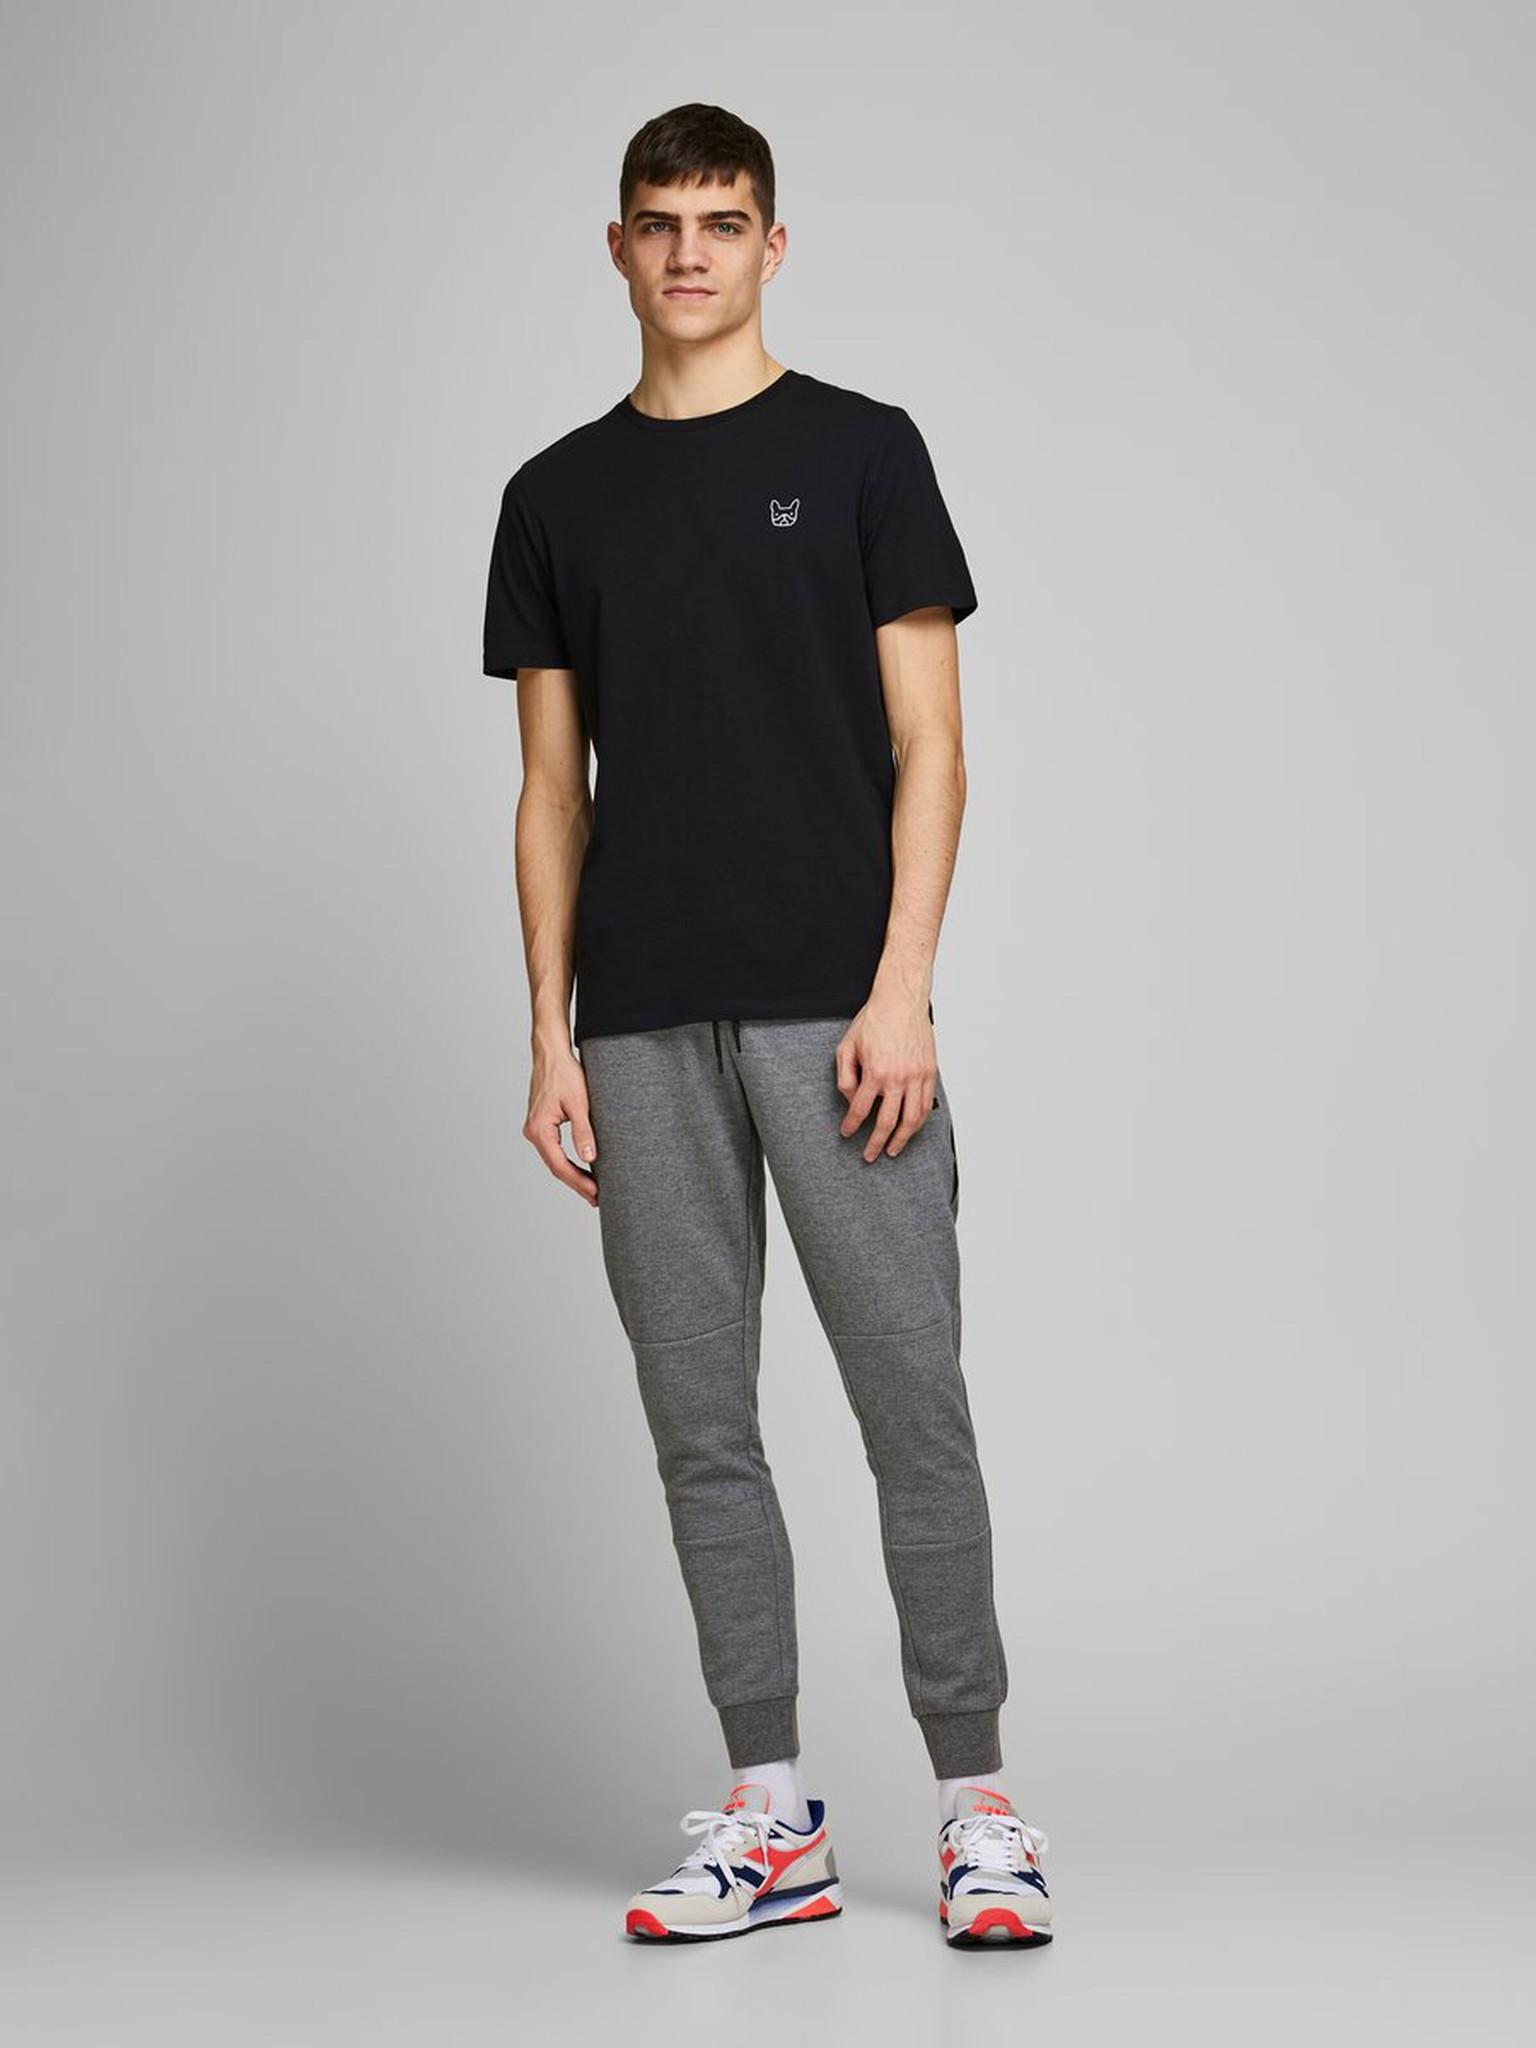 JACK & JONES coton biologique t shirt-10